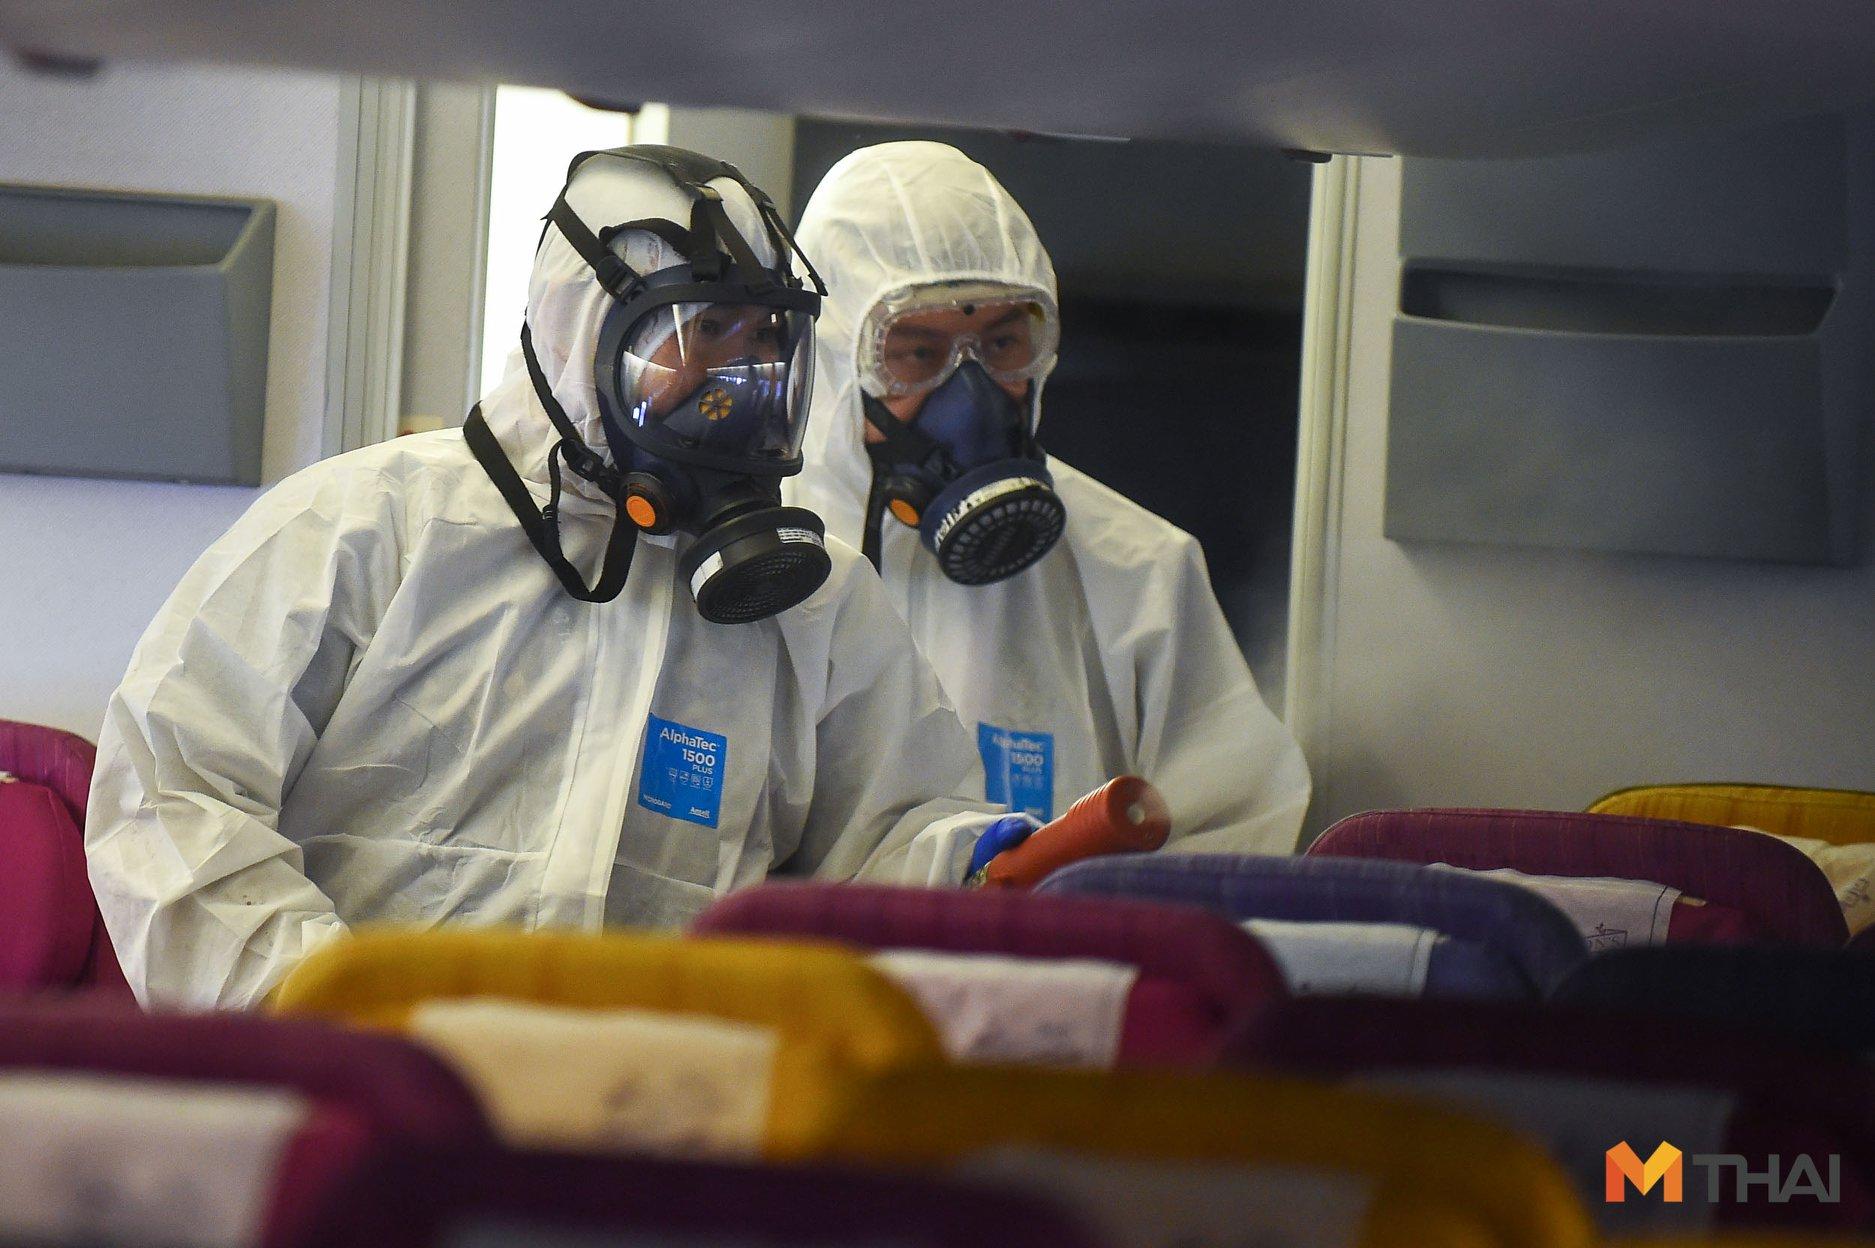 ข่าวสดวันนี้ ไวรัสโคโรนา